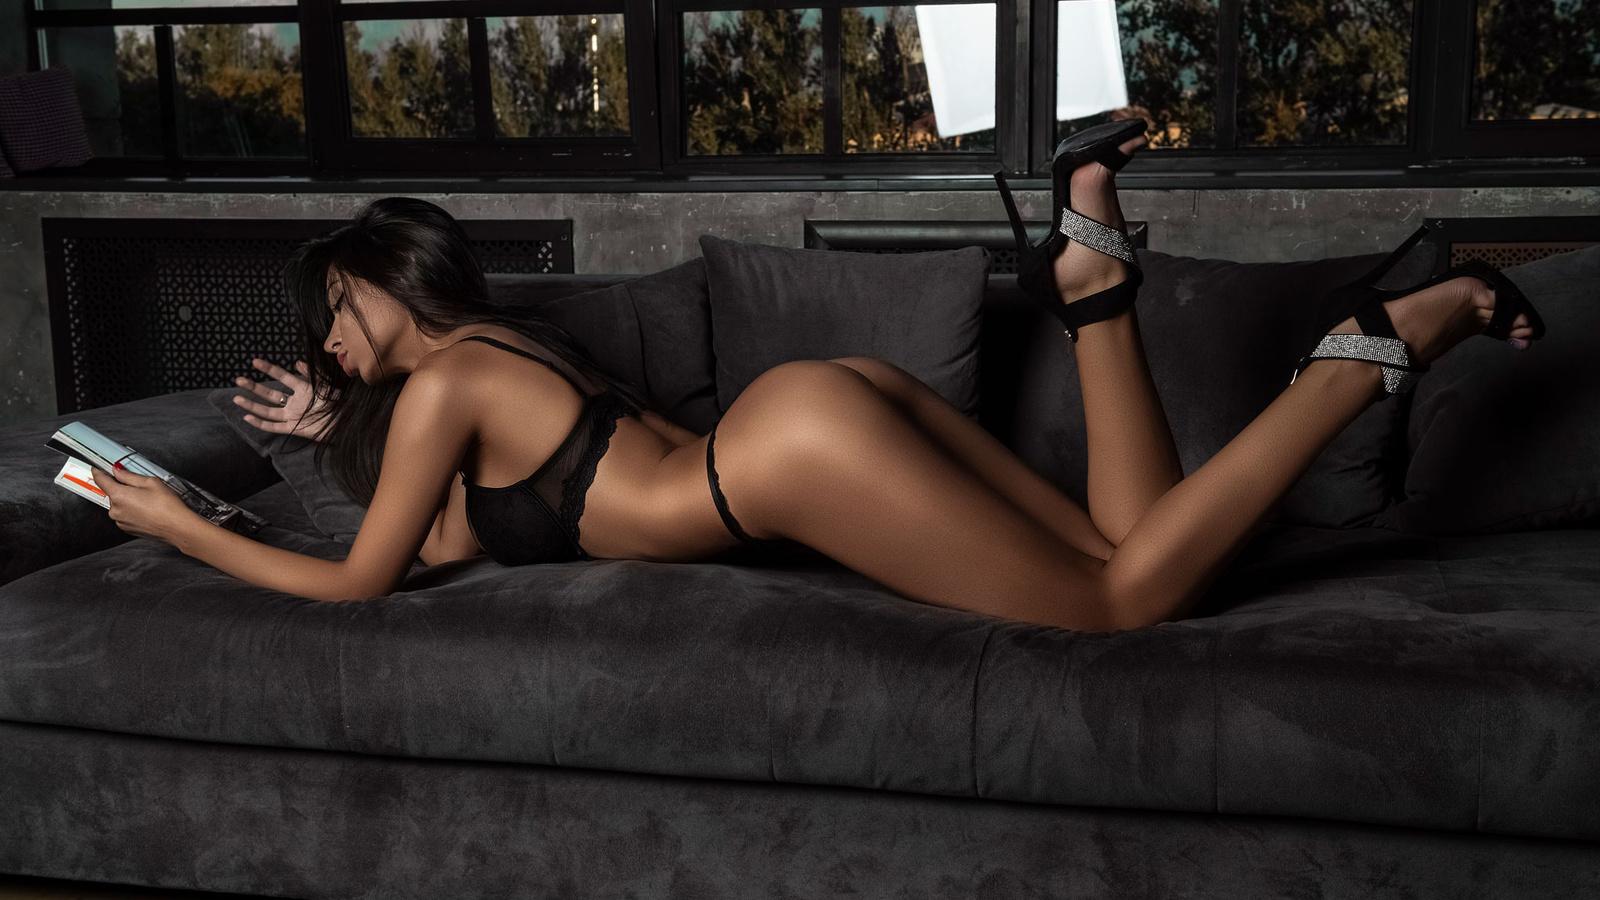 Сексуальные худенькие брюнетки, Порно видео худые телки, худенькие девушки, тощие 28 фотография